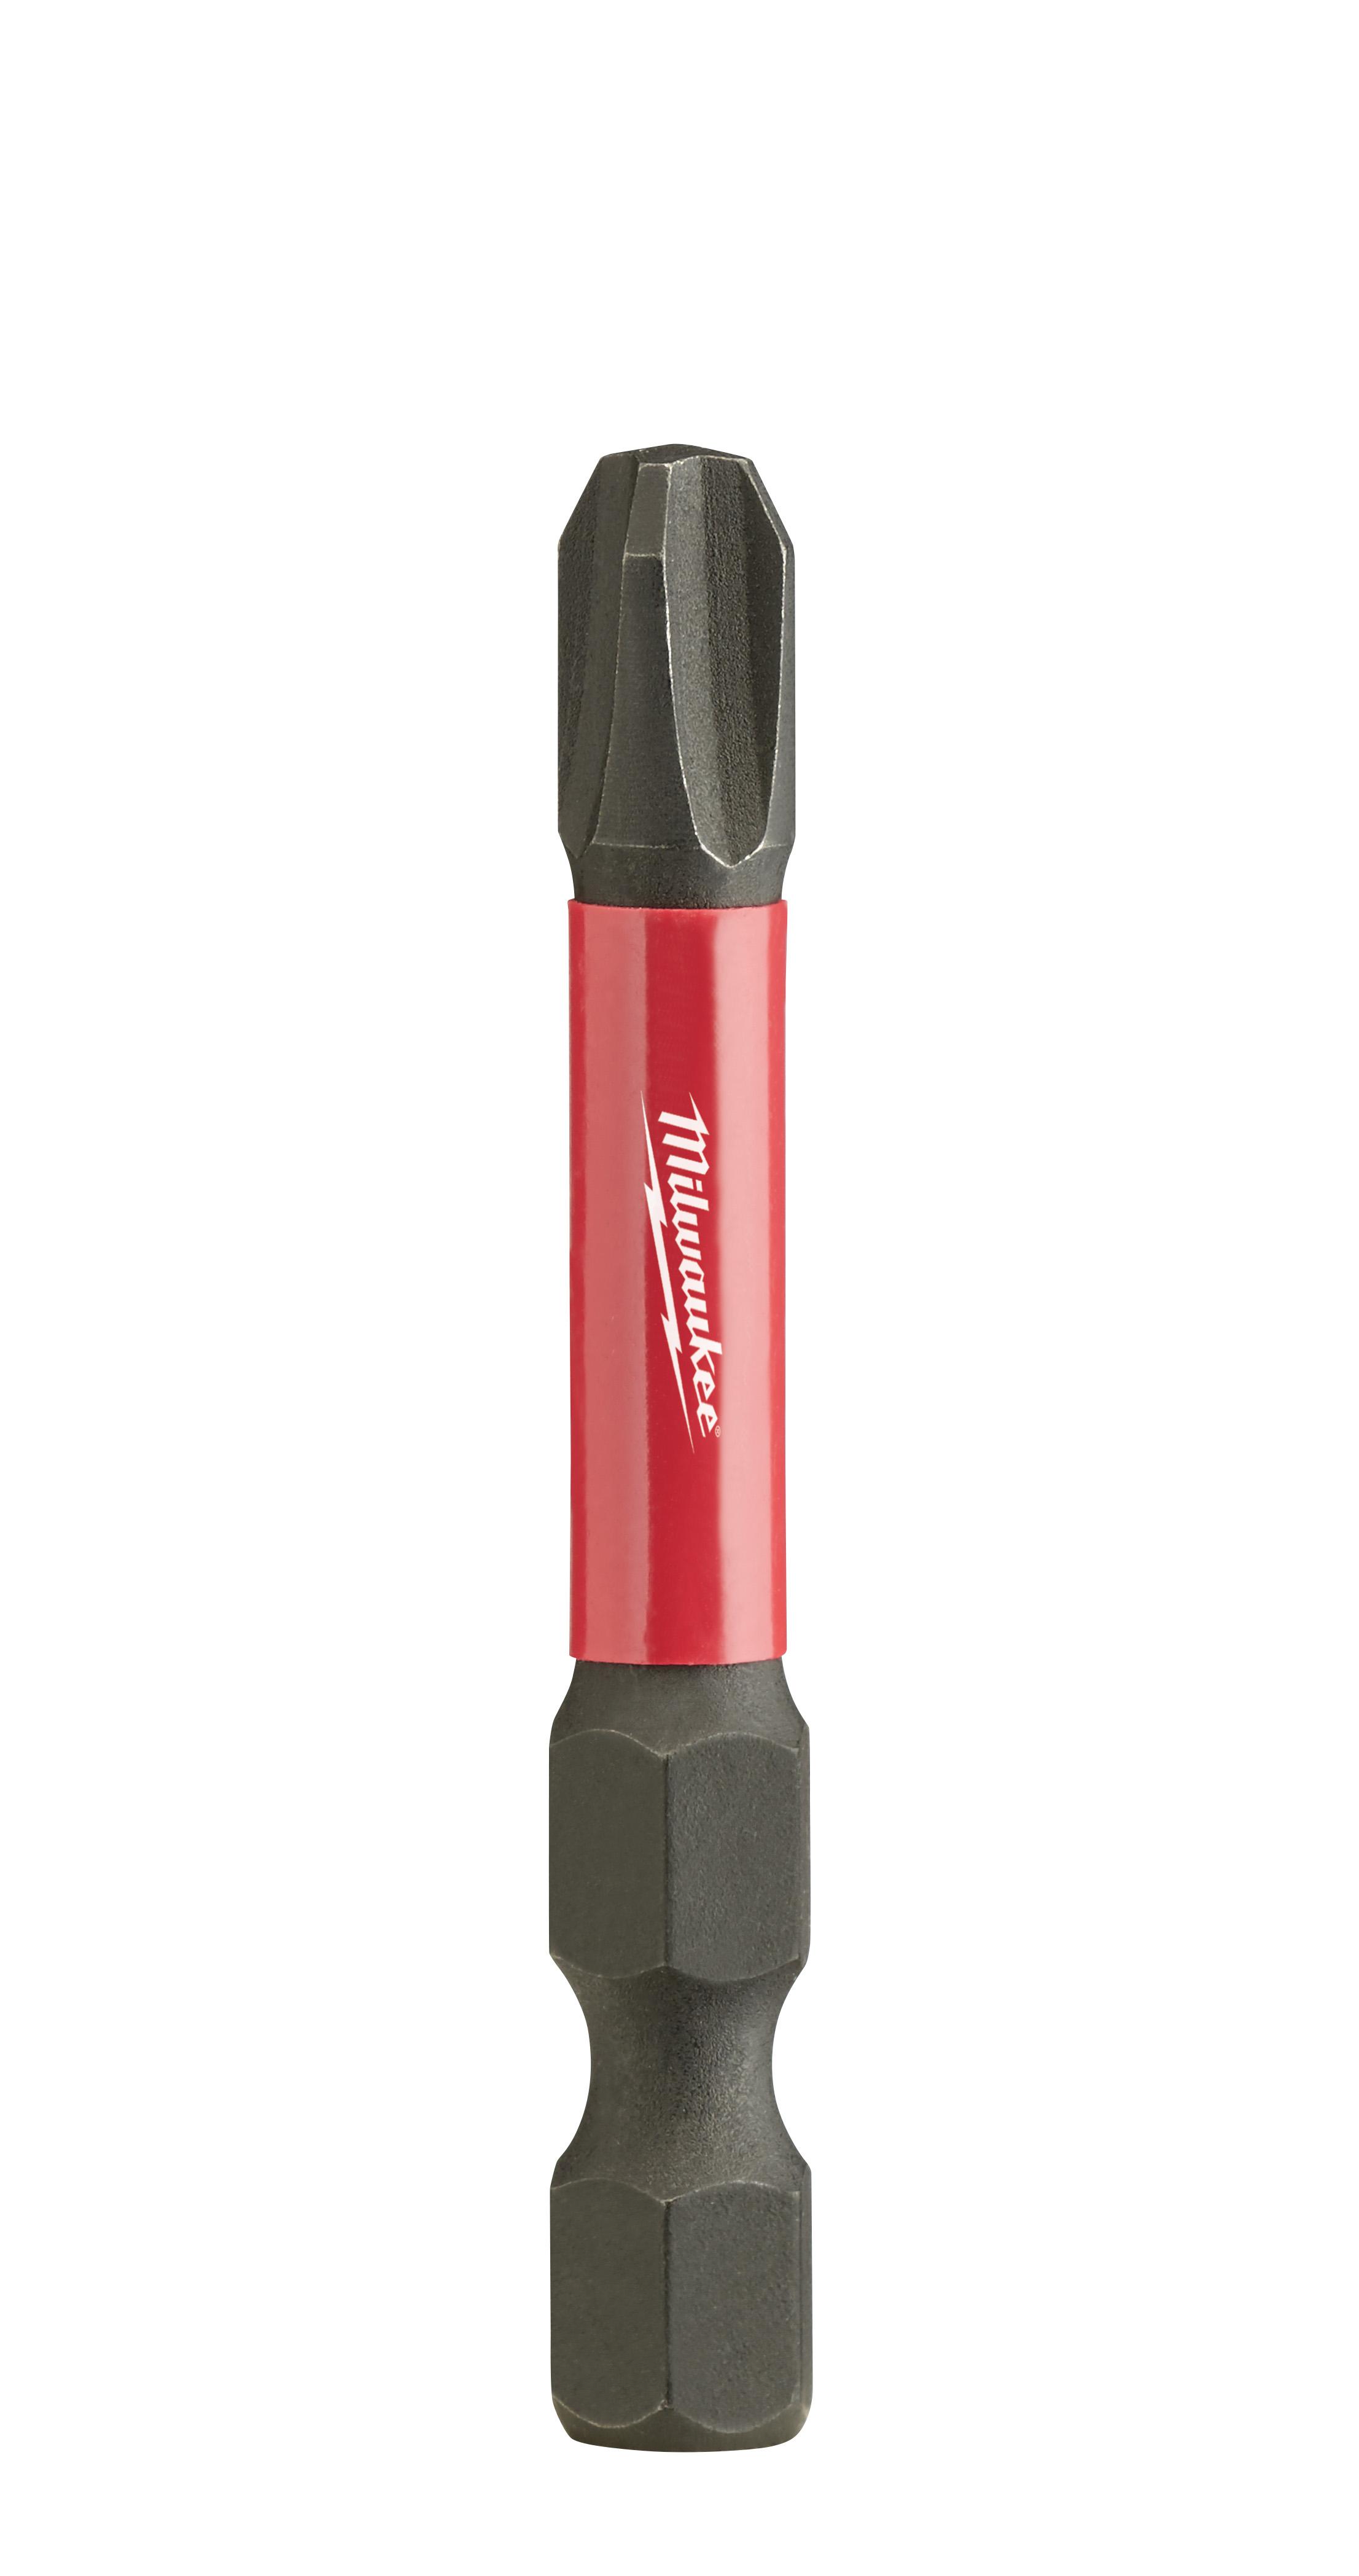 Milwaukee® SHOCKWAVE™ Impact Duty™ 48-32-4162 Impact Power Bit, #2 Phillips® Point, 2 in OAL, 1/4 in, Steel